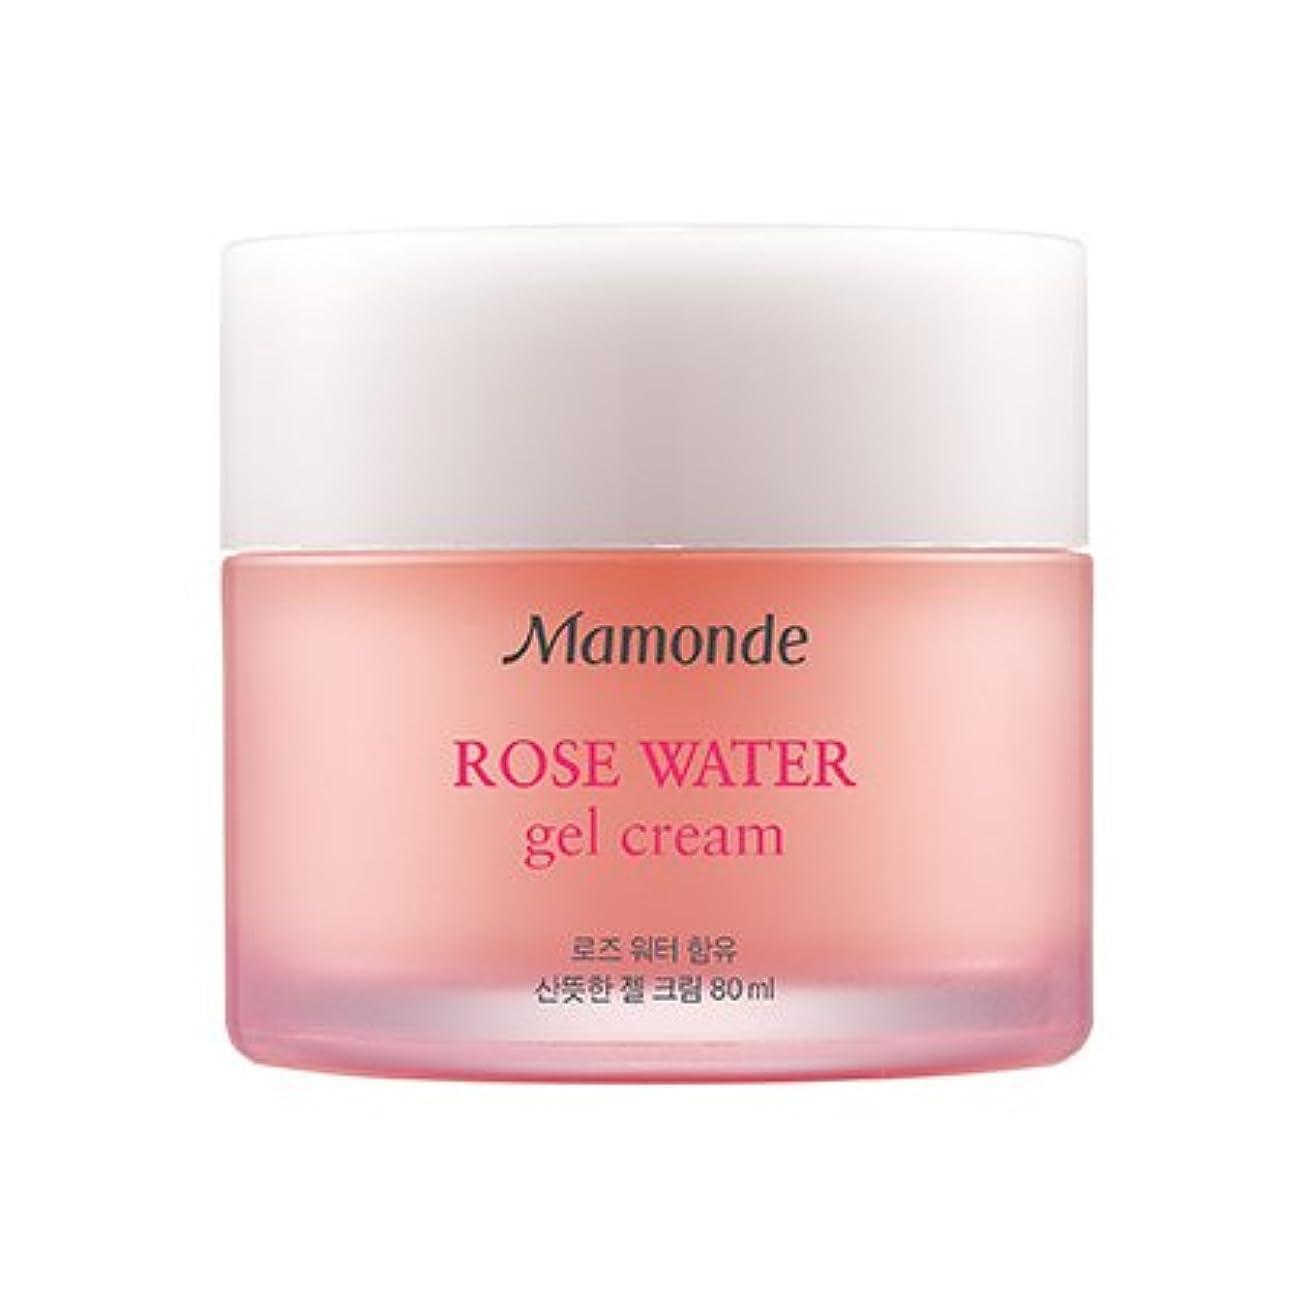 バンガローサイバースペース協会Mamonde Rose Water Gel Cream 80ml/マモンド ローズ ウォーター ジェル クリーム 80ml [並行輸入品]